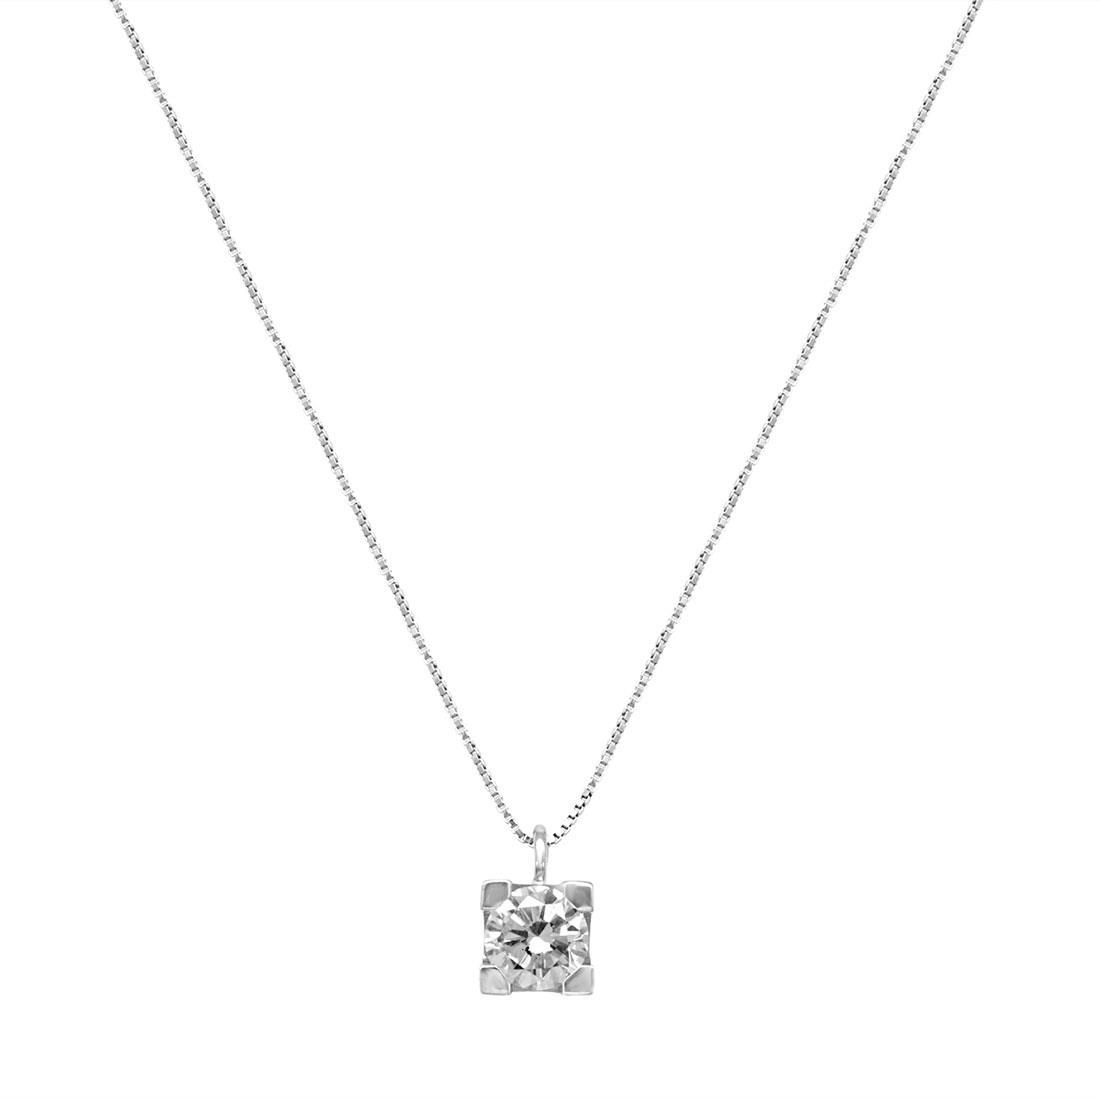 Collier punto luce in oro bianco con diamanti 0.70 ct - ORO&CO